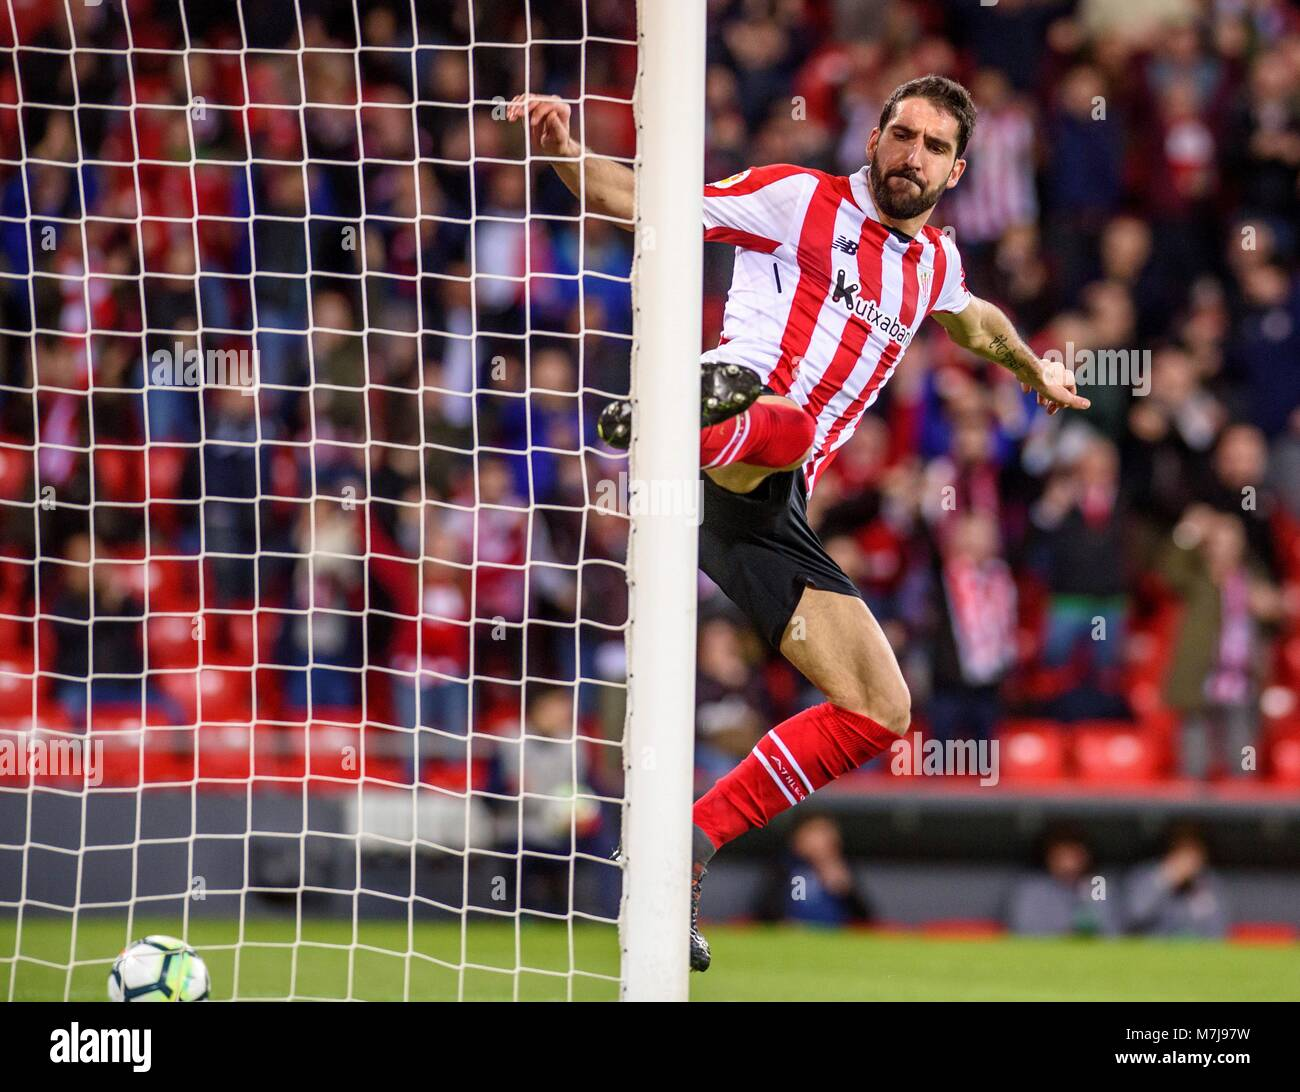 El Athletic Club del centrocampista Raúl García celebra tras anotar contra  CD Leganés durante la Imagen 3558dab138a24